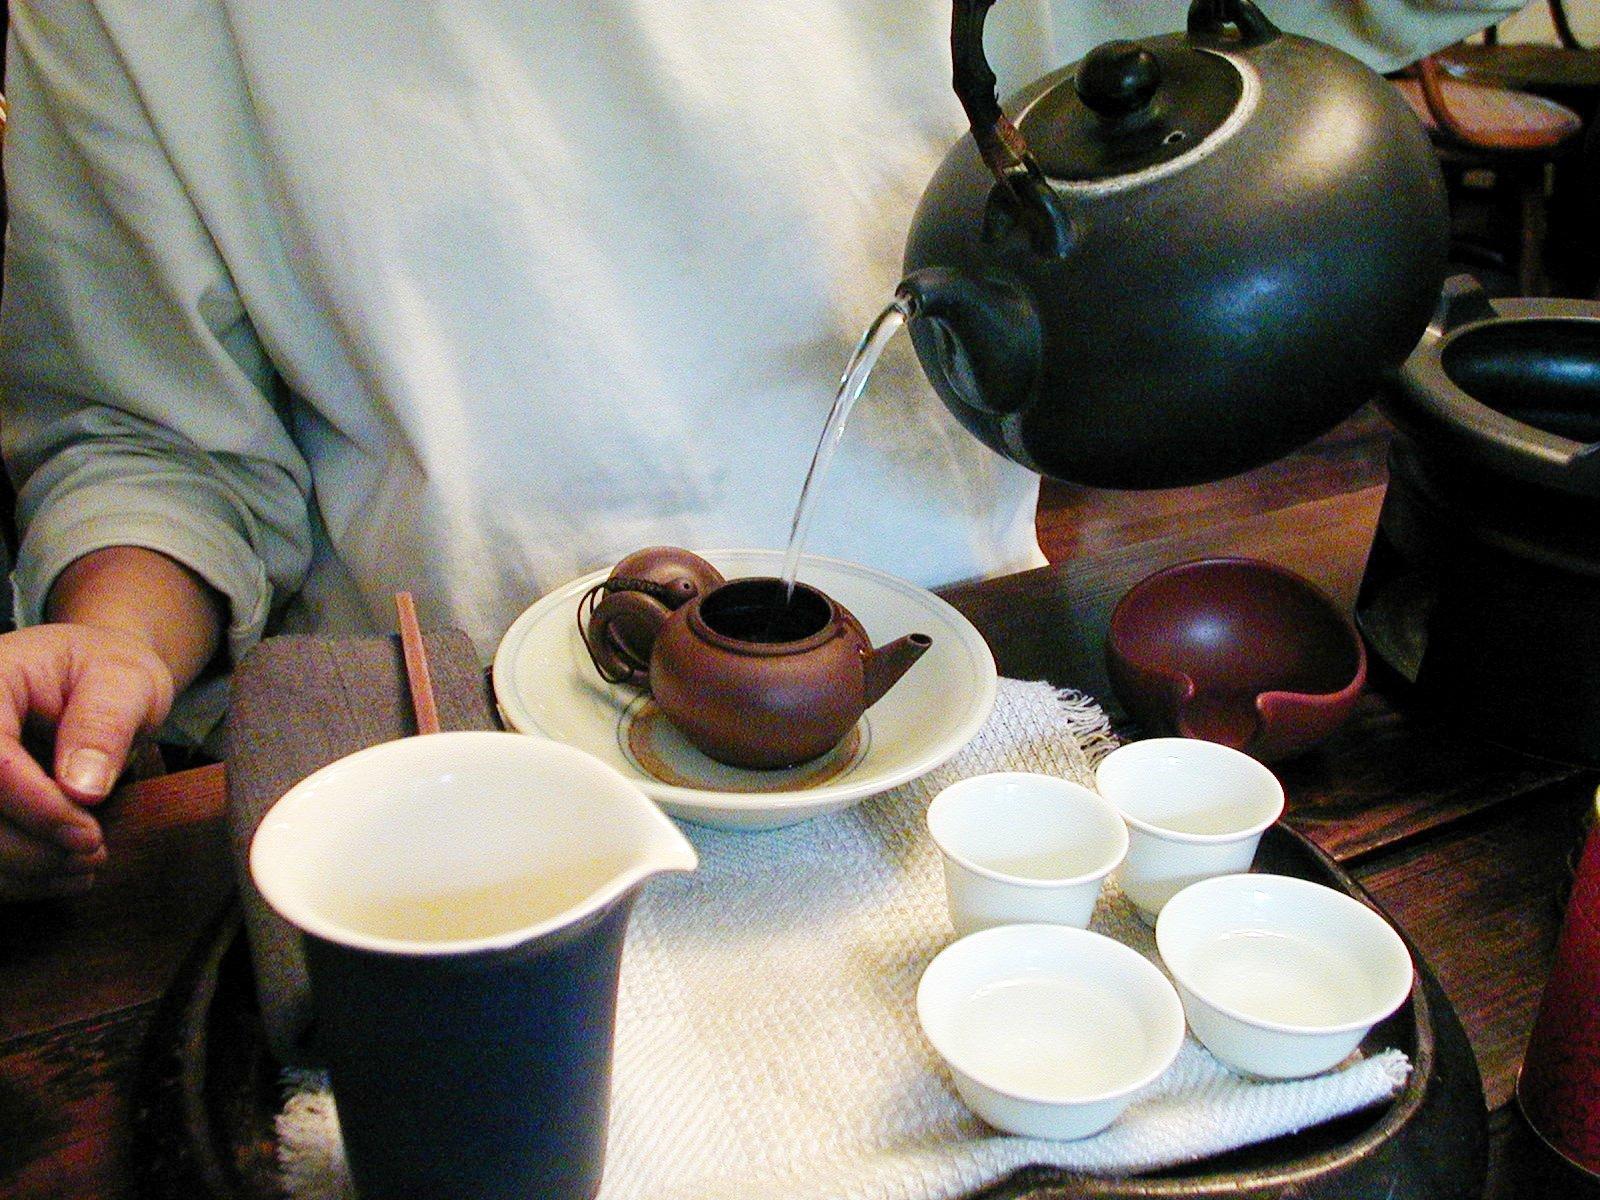 煮水器から茶壺へお湯を注ぎます